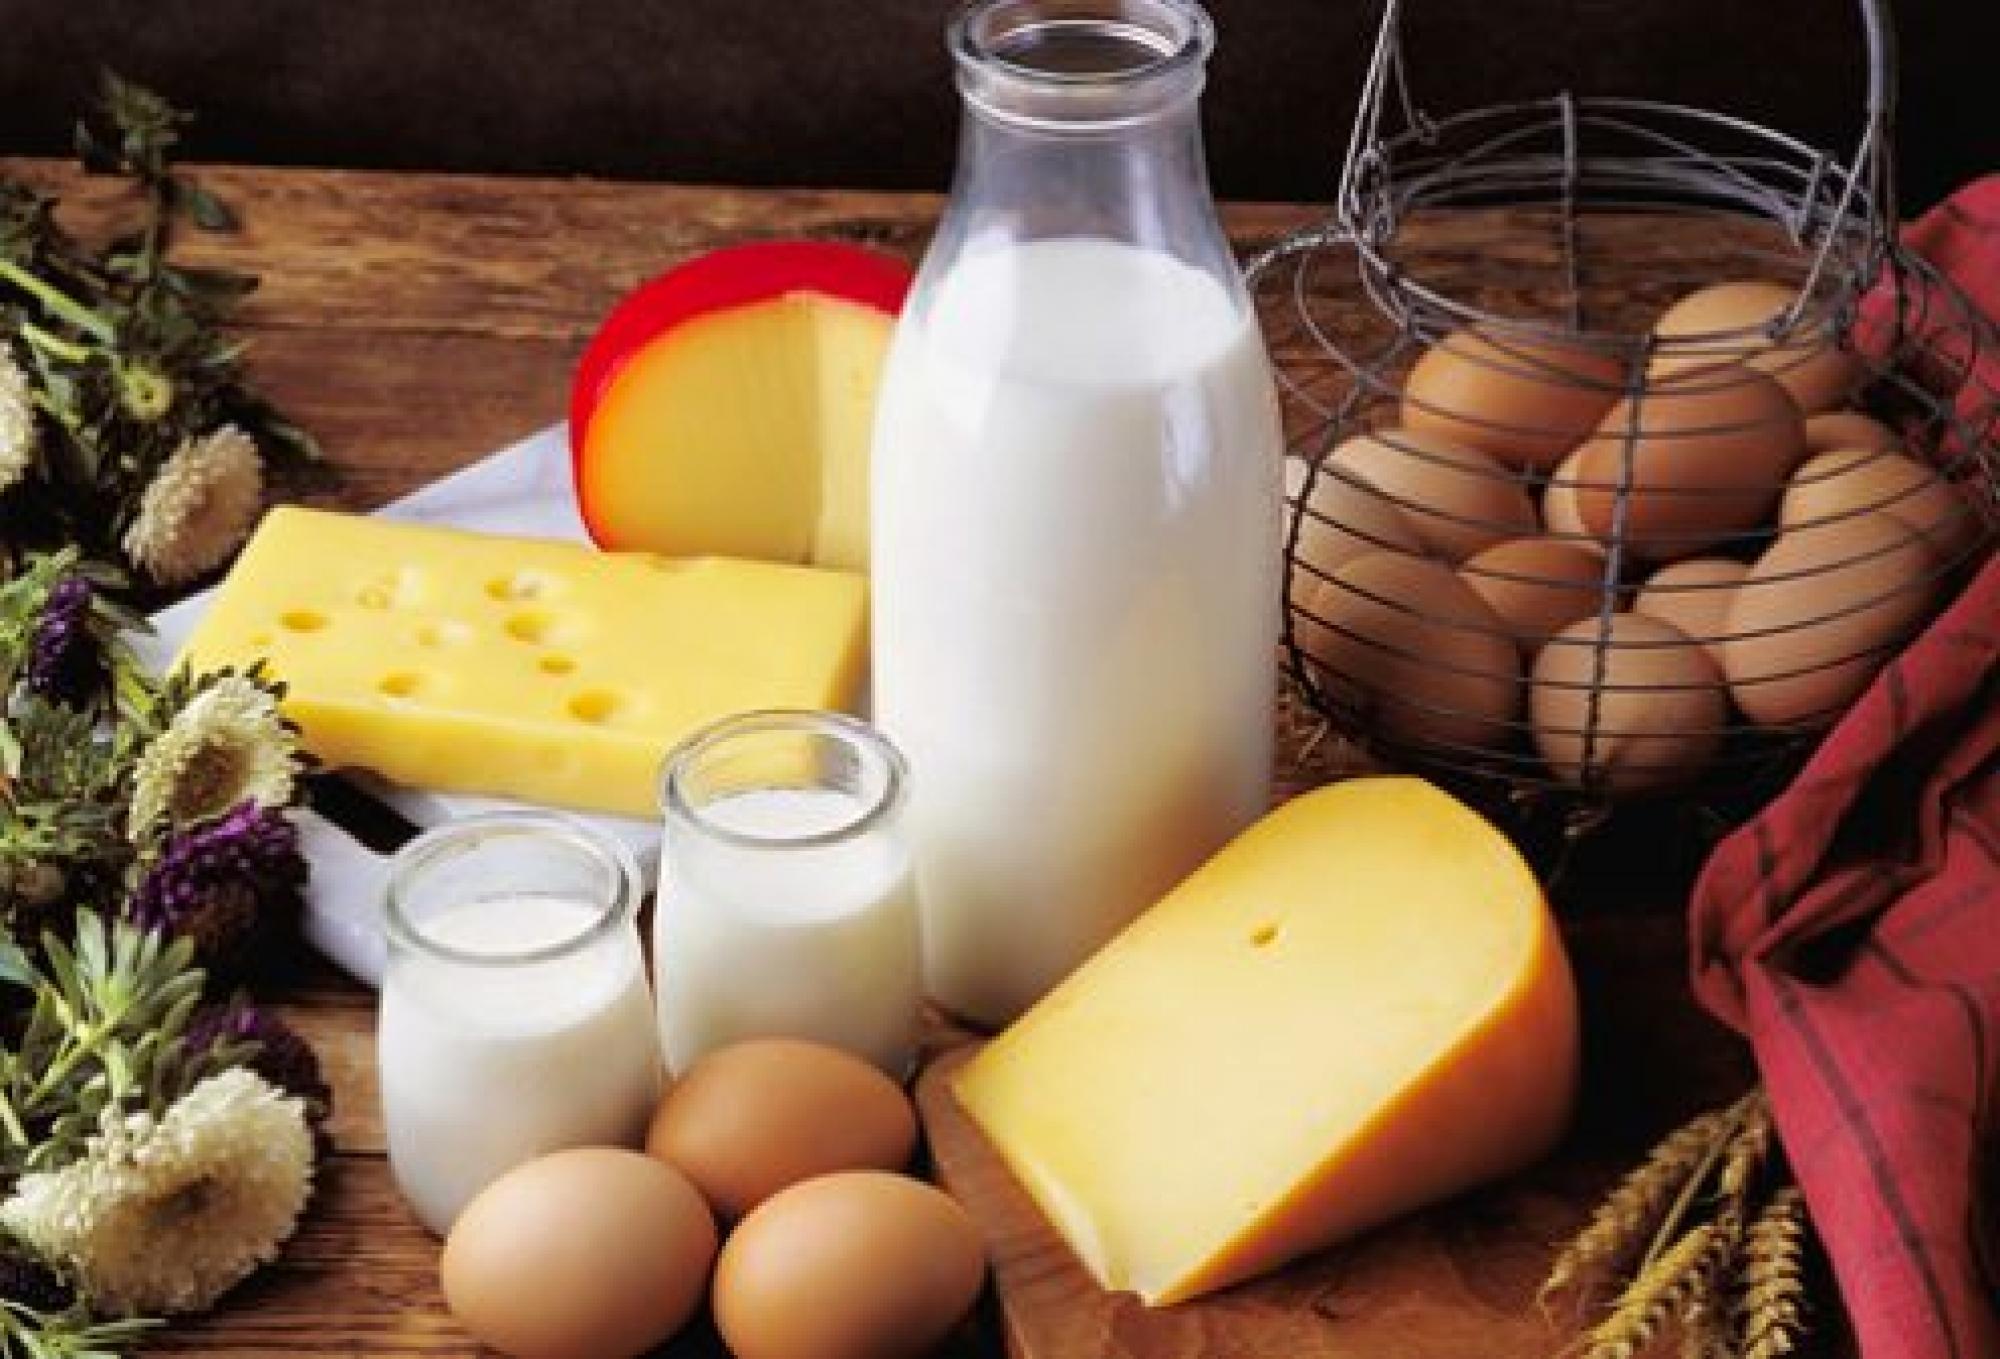 Курс еды: сравниваем цены в супермаркетах Вологды (20 февраля - 2 марта)